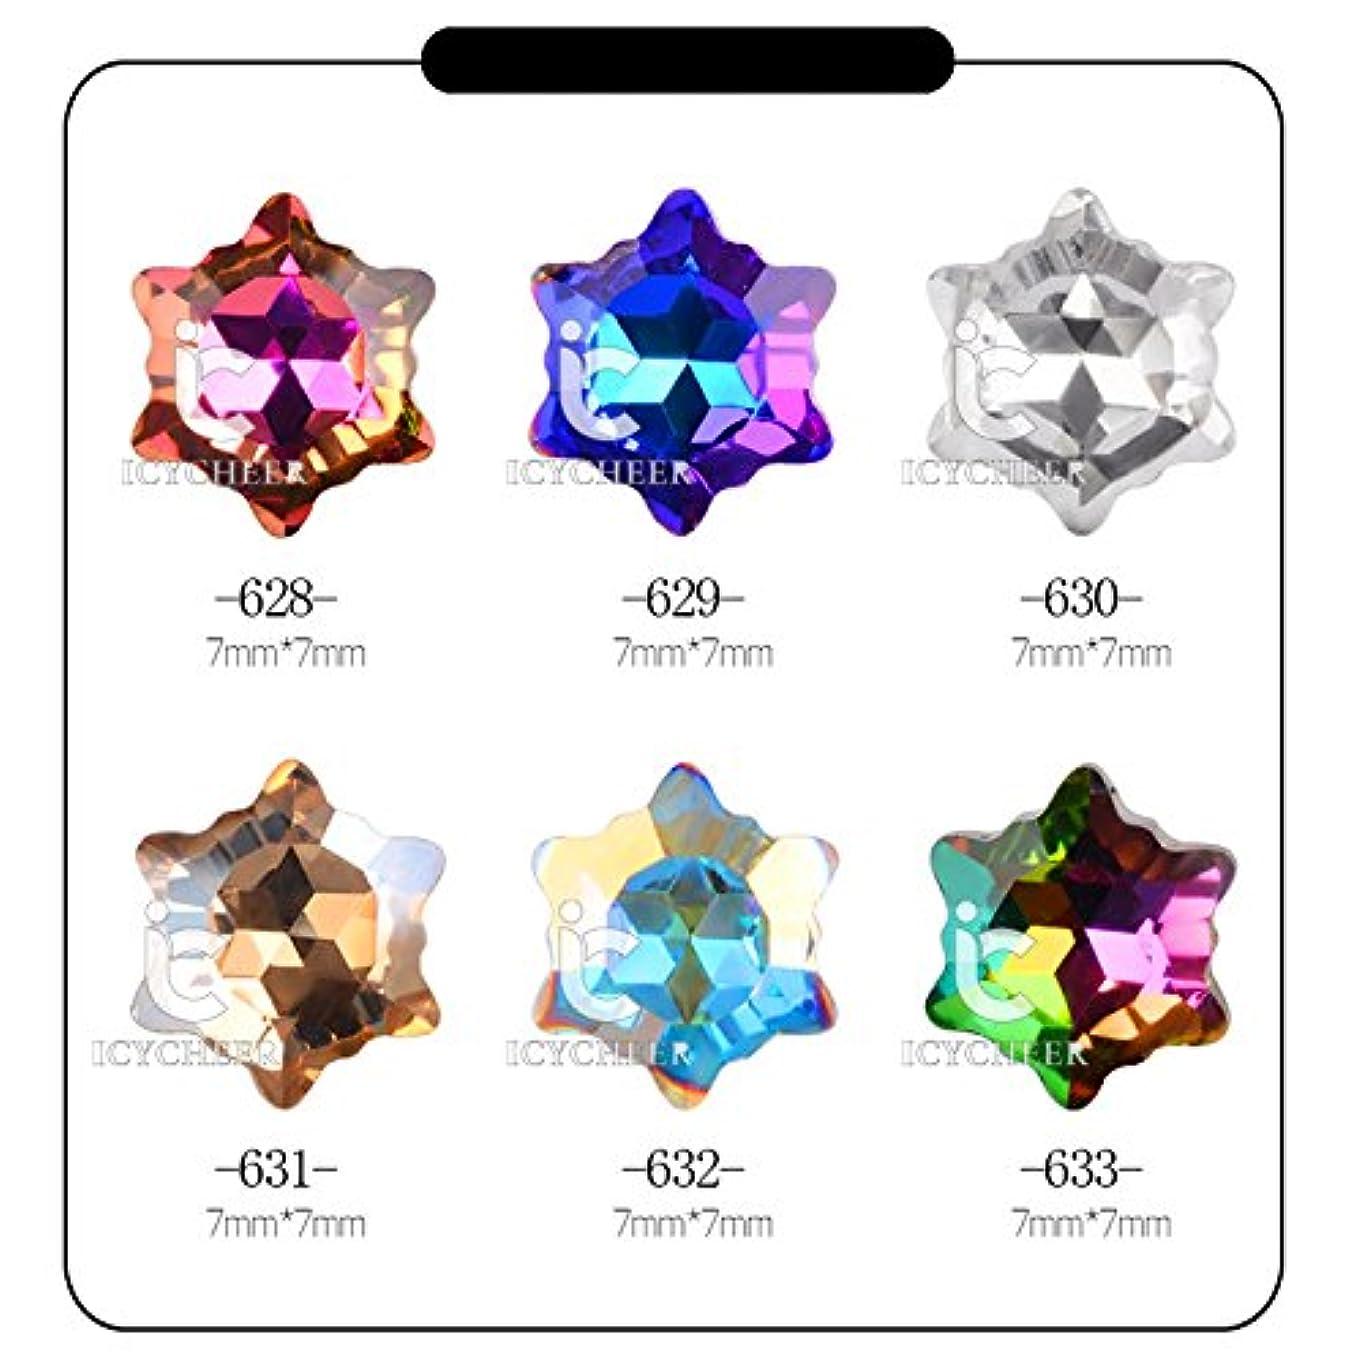 ICYCHEERホット3Dネイルアートラインストーングリッター宝石のアクリルのヒントデコレーションマニキュアホイール (633)